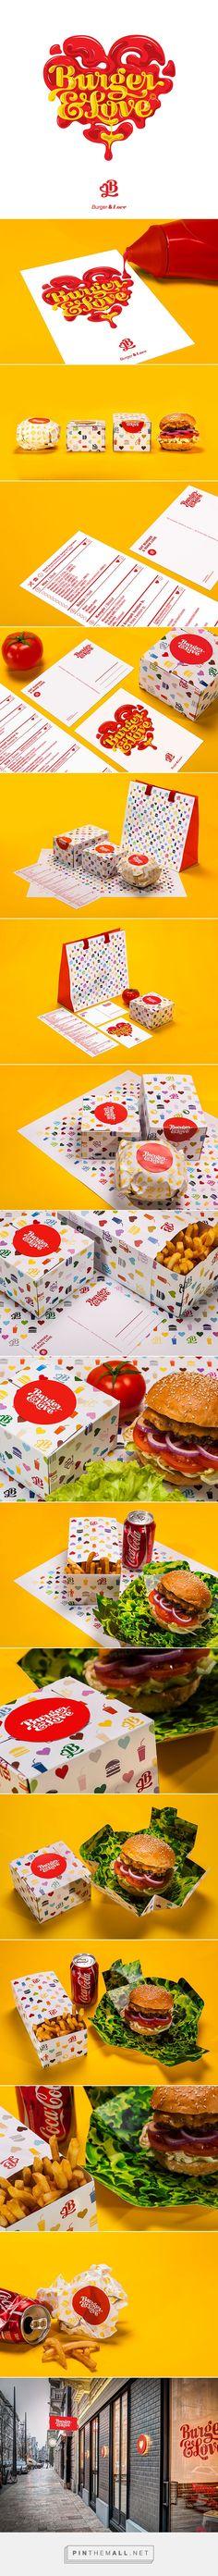 Burger&Love Branding on Behance